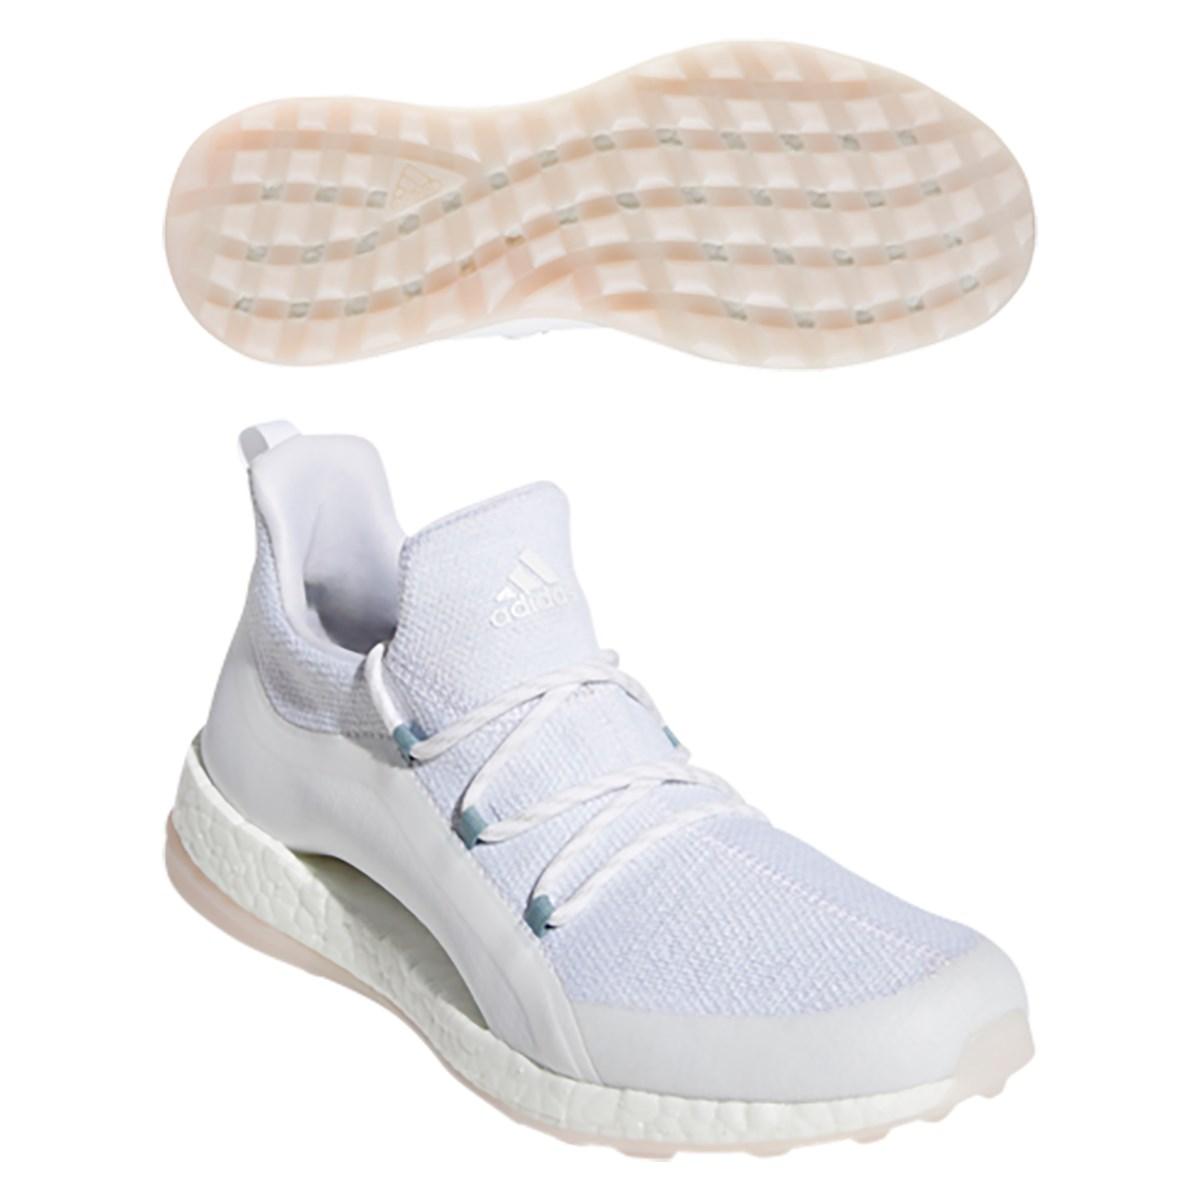 アディダス(adidas) ピュアブーストゴルフ SAKURA EDITION シューズレディス